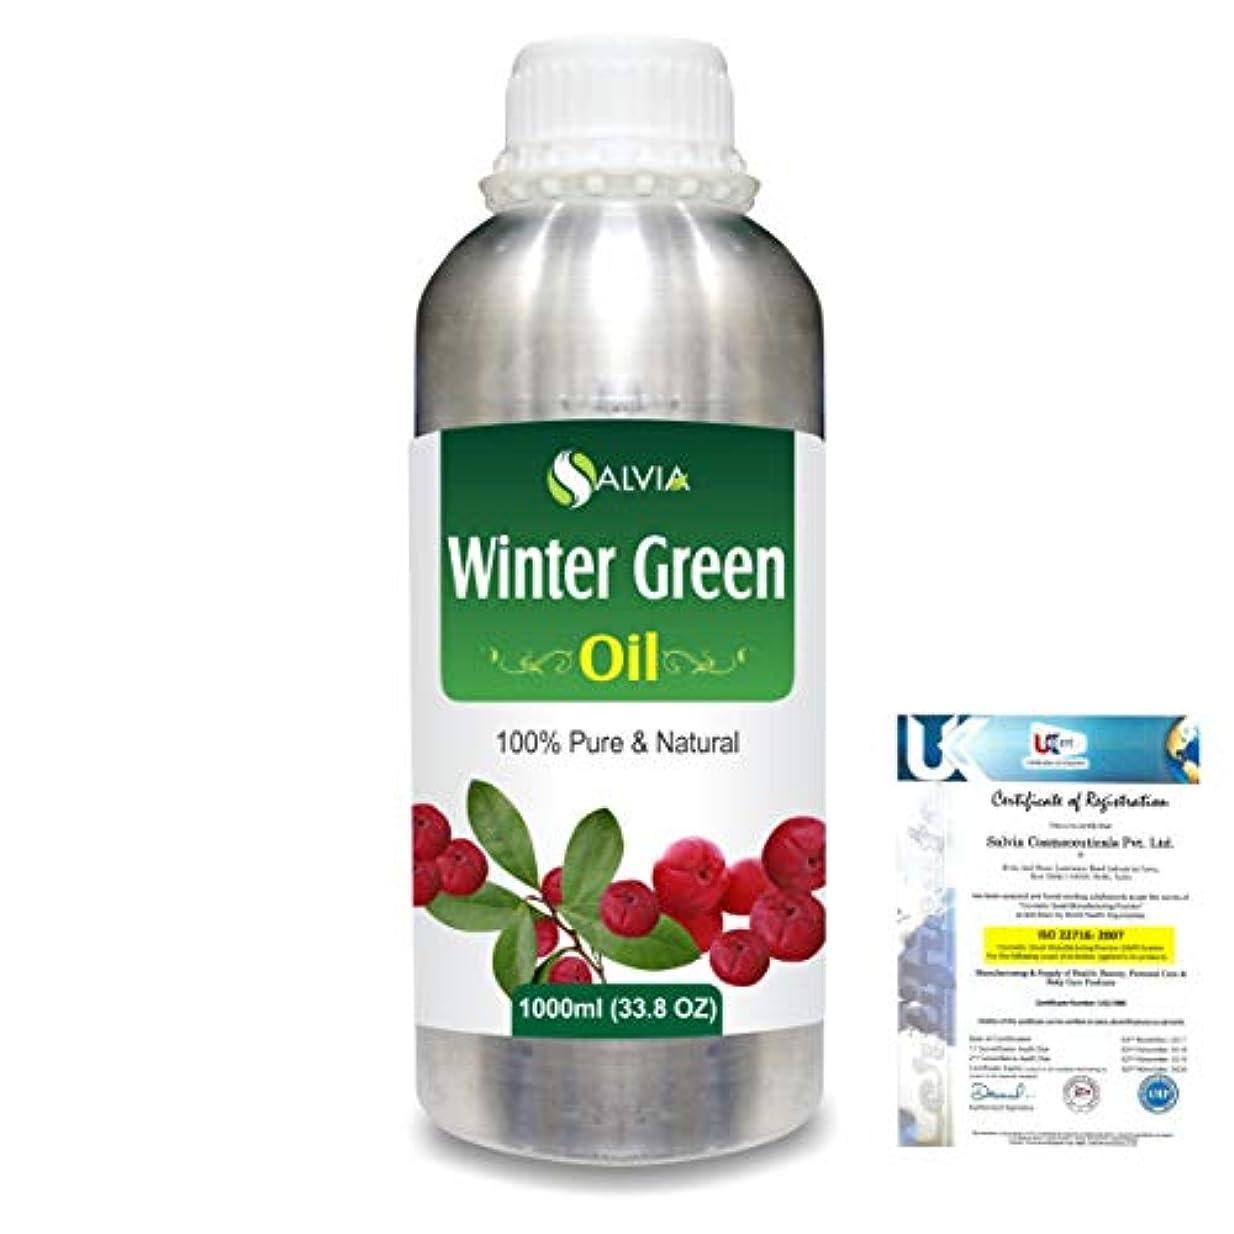 避けられない避けられない適切なWinter Green(Gaultheria Procumbens) 100% Natural Pure Essential Oil 1000ml/33.8fl.oz.